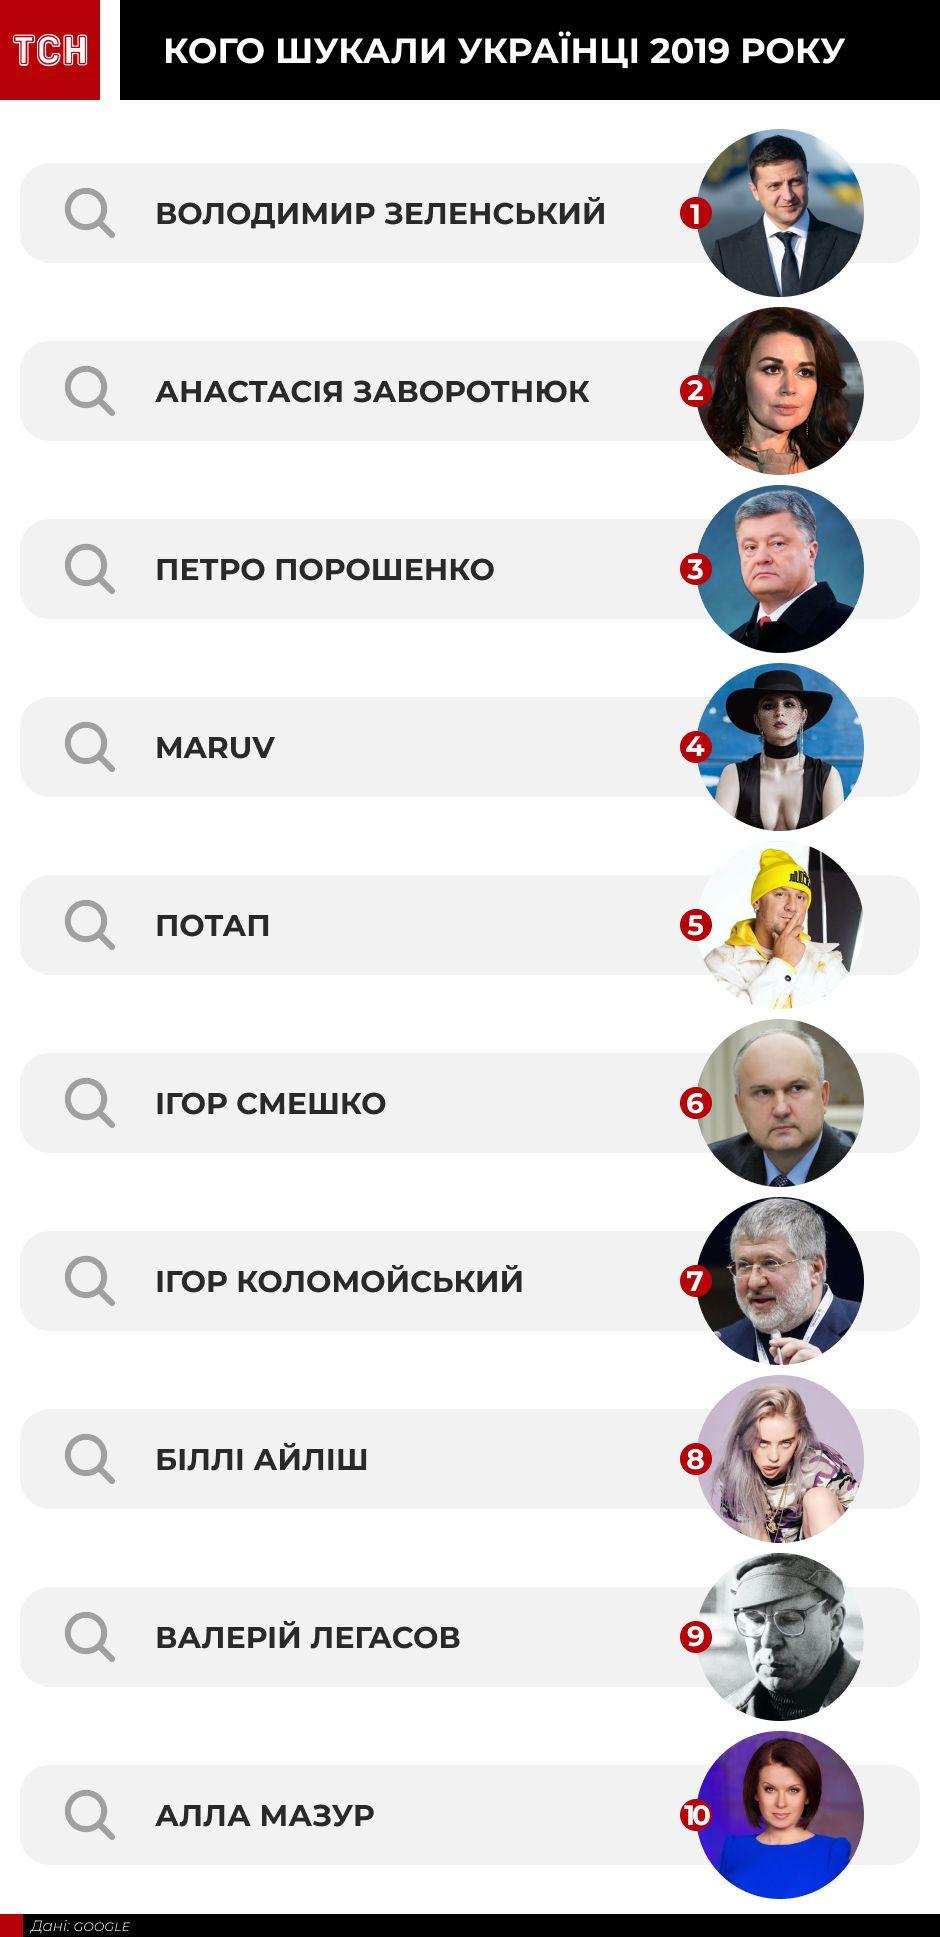 Найпопулярніші люди 2019